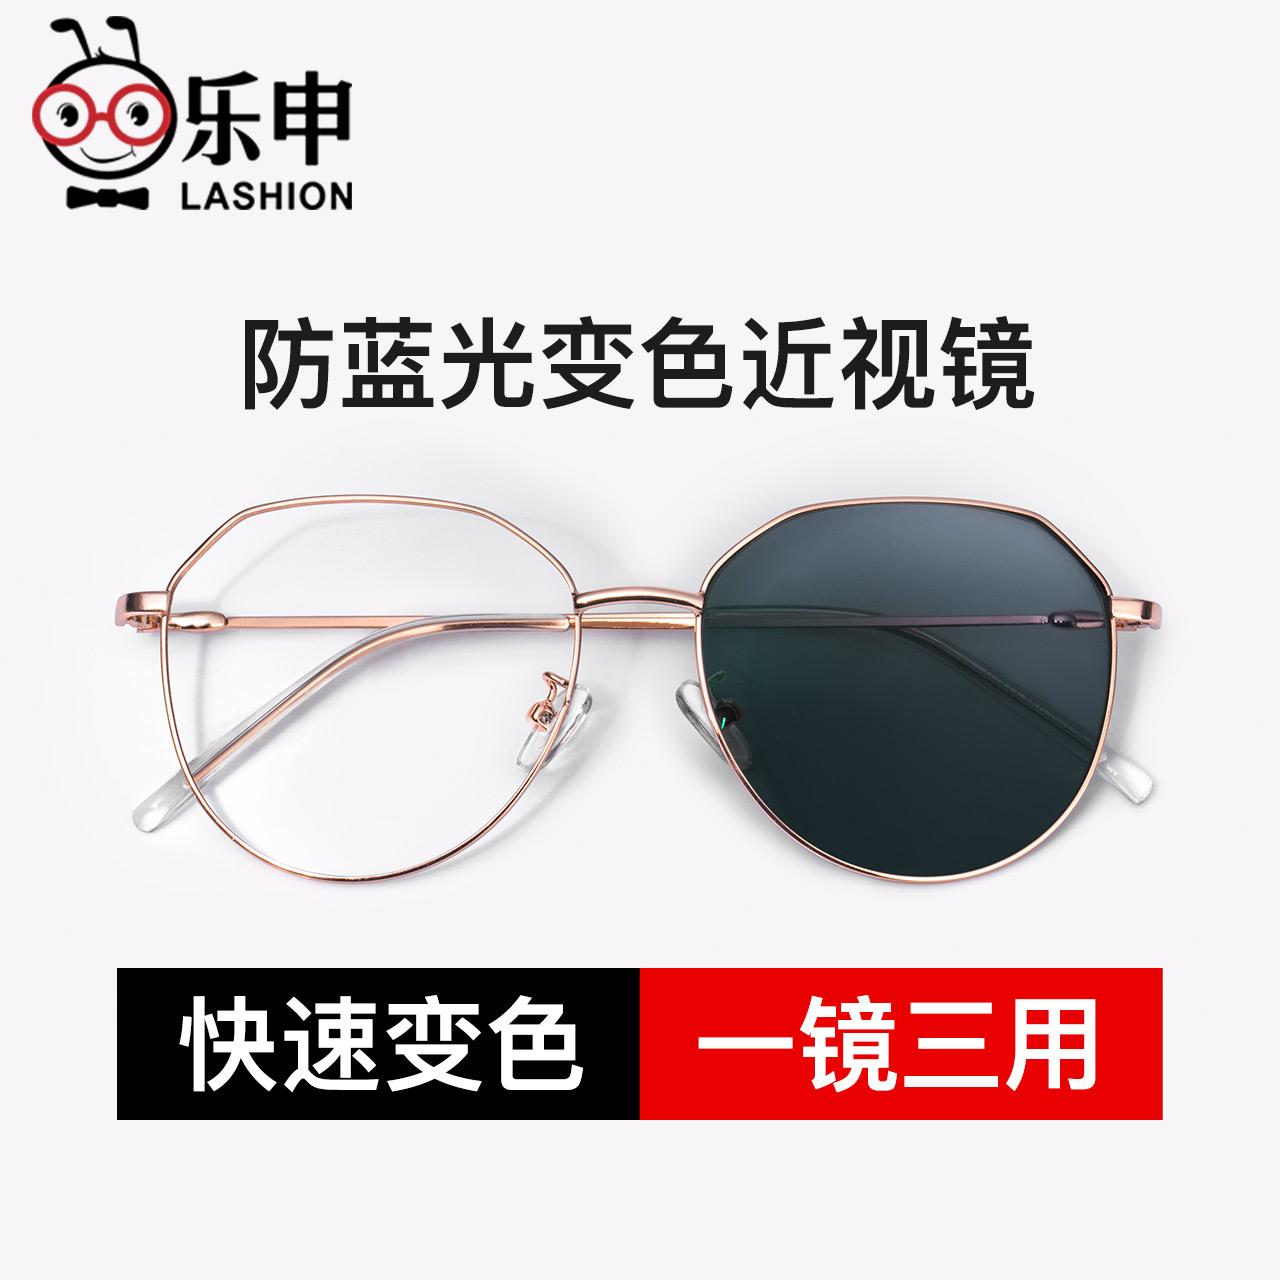 自动感光变色眼镜近视墨镜女潮两用有度数偏光太阳镜带防紫外线男